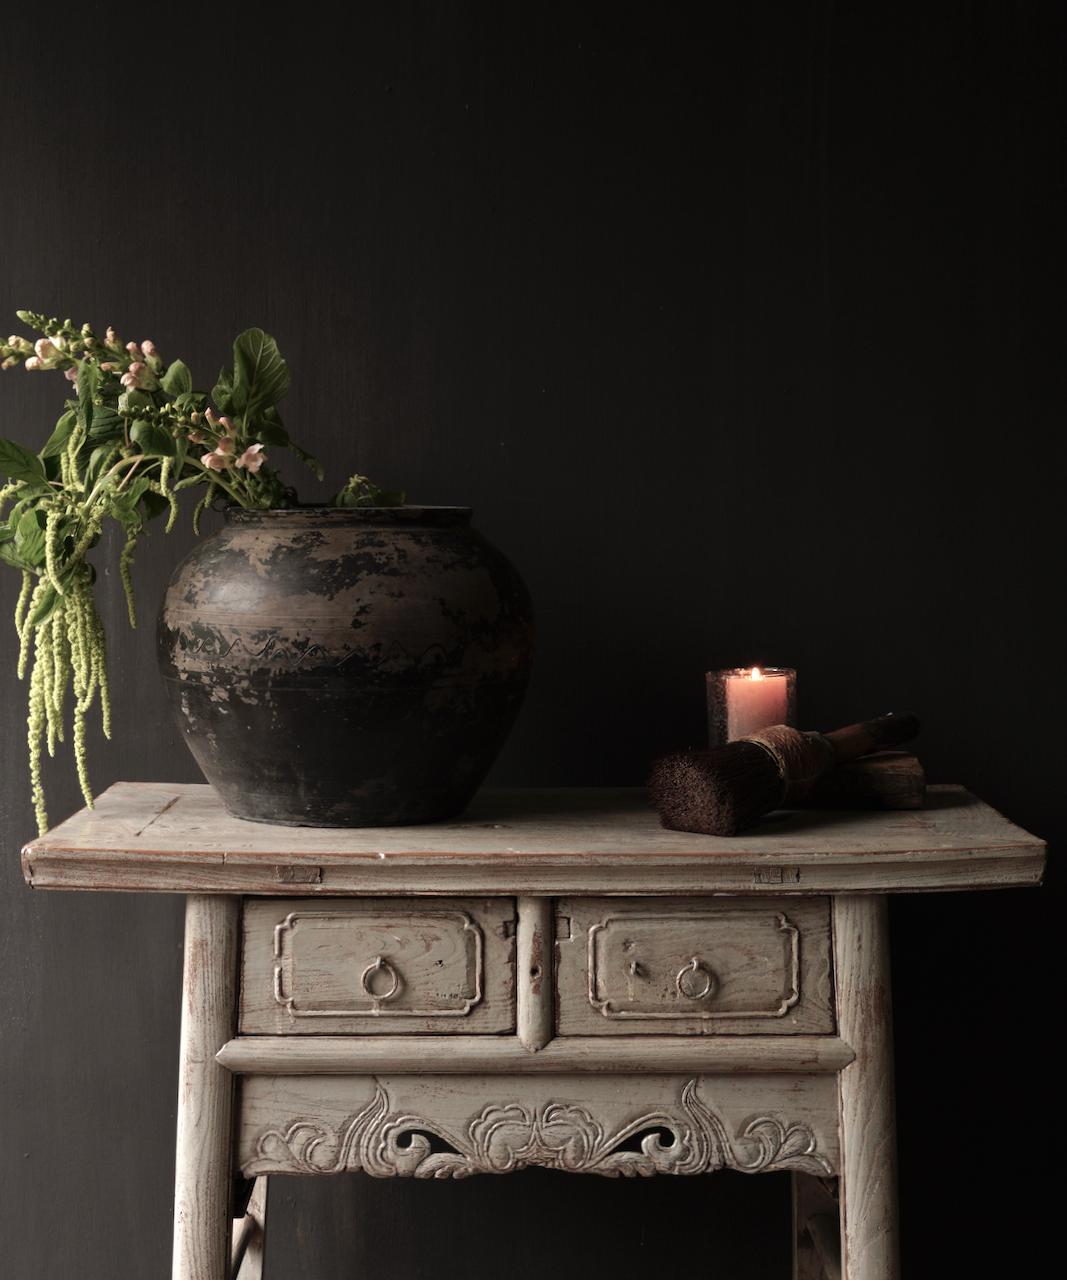 Authentisch Einzigartiger alter Wandtisch / Beistelltisch / Badezimmermöbel mit grau lackierten Schubladen-3